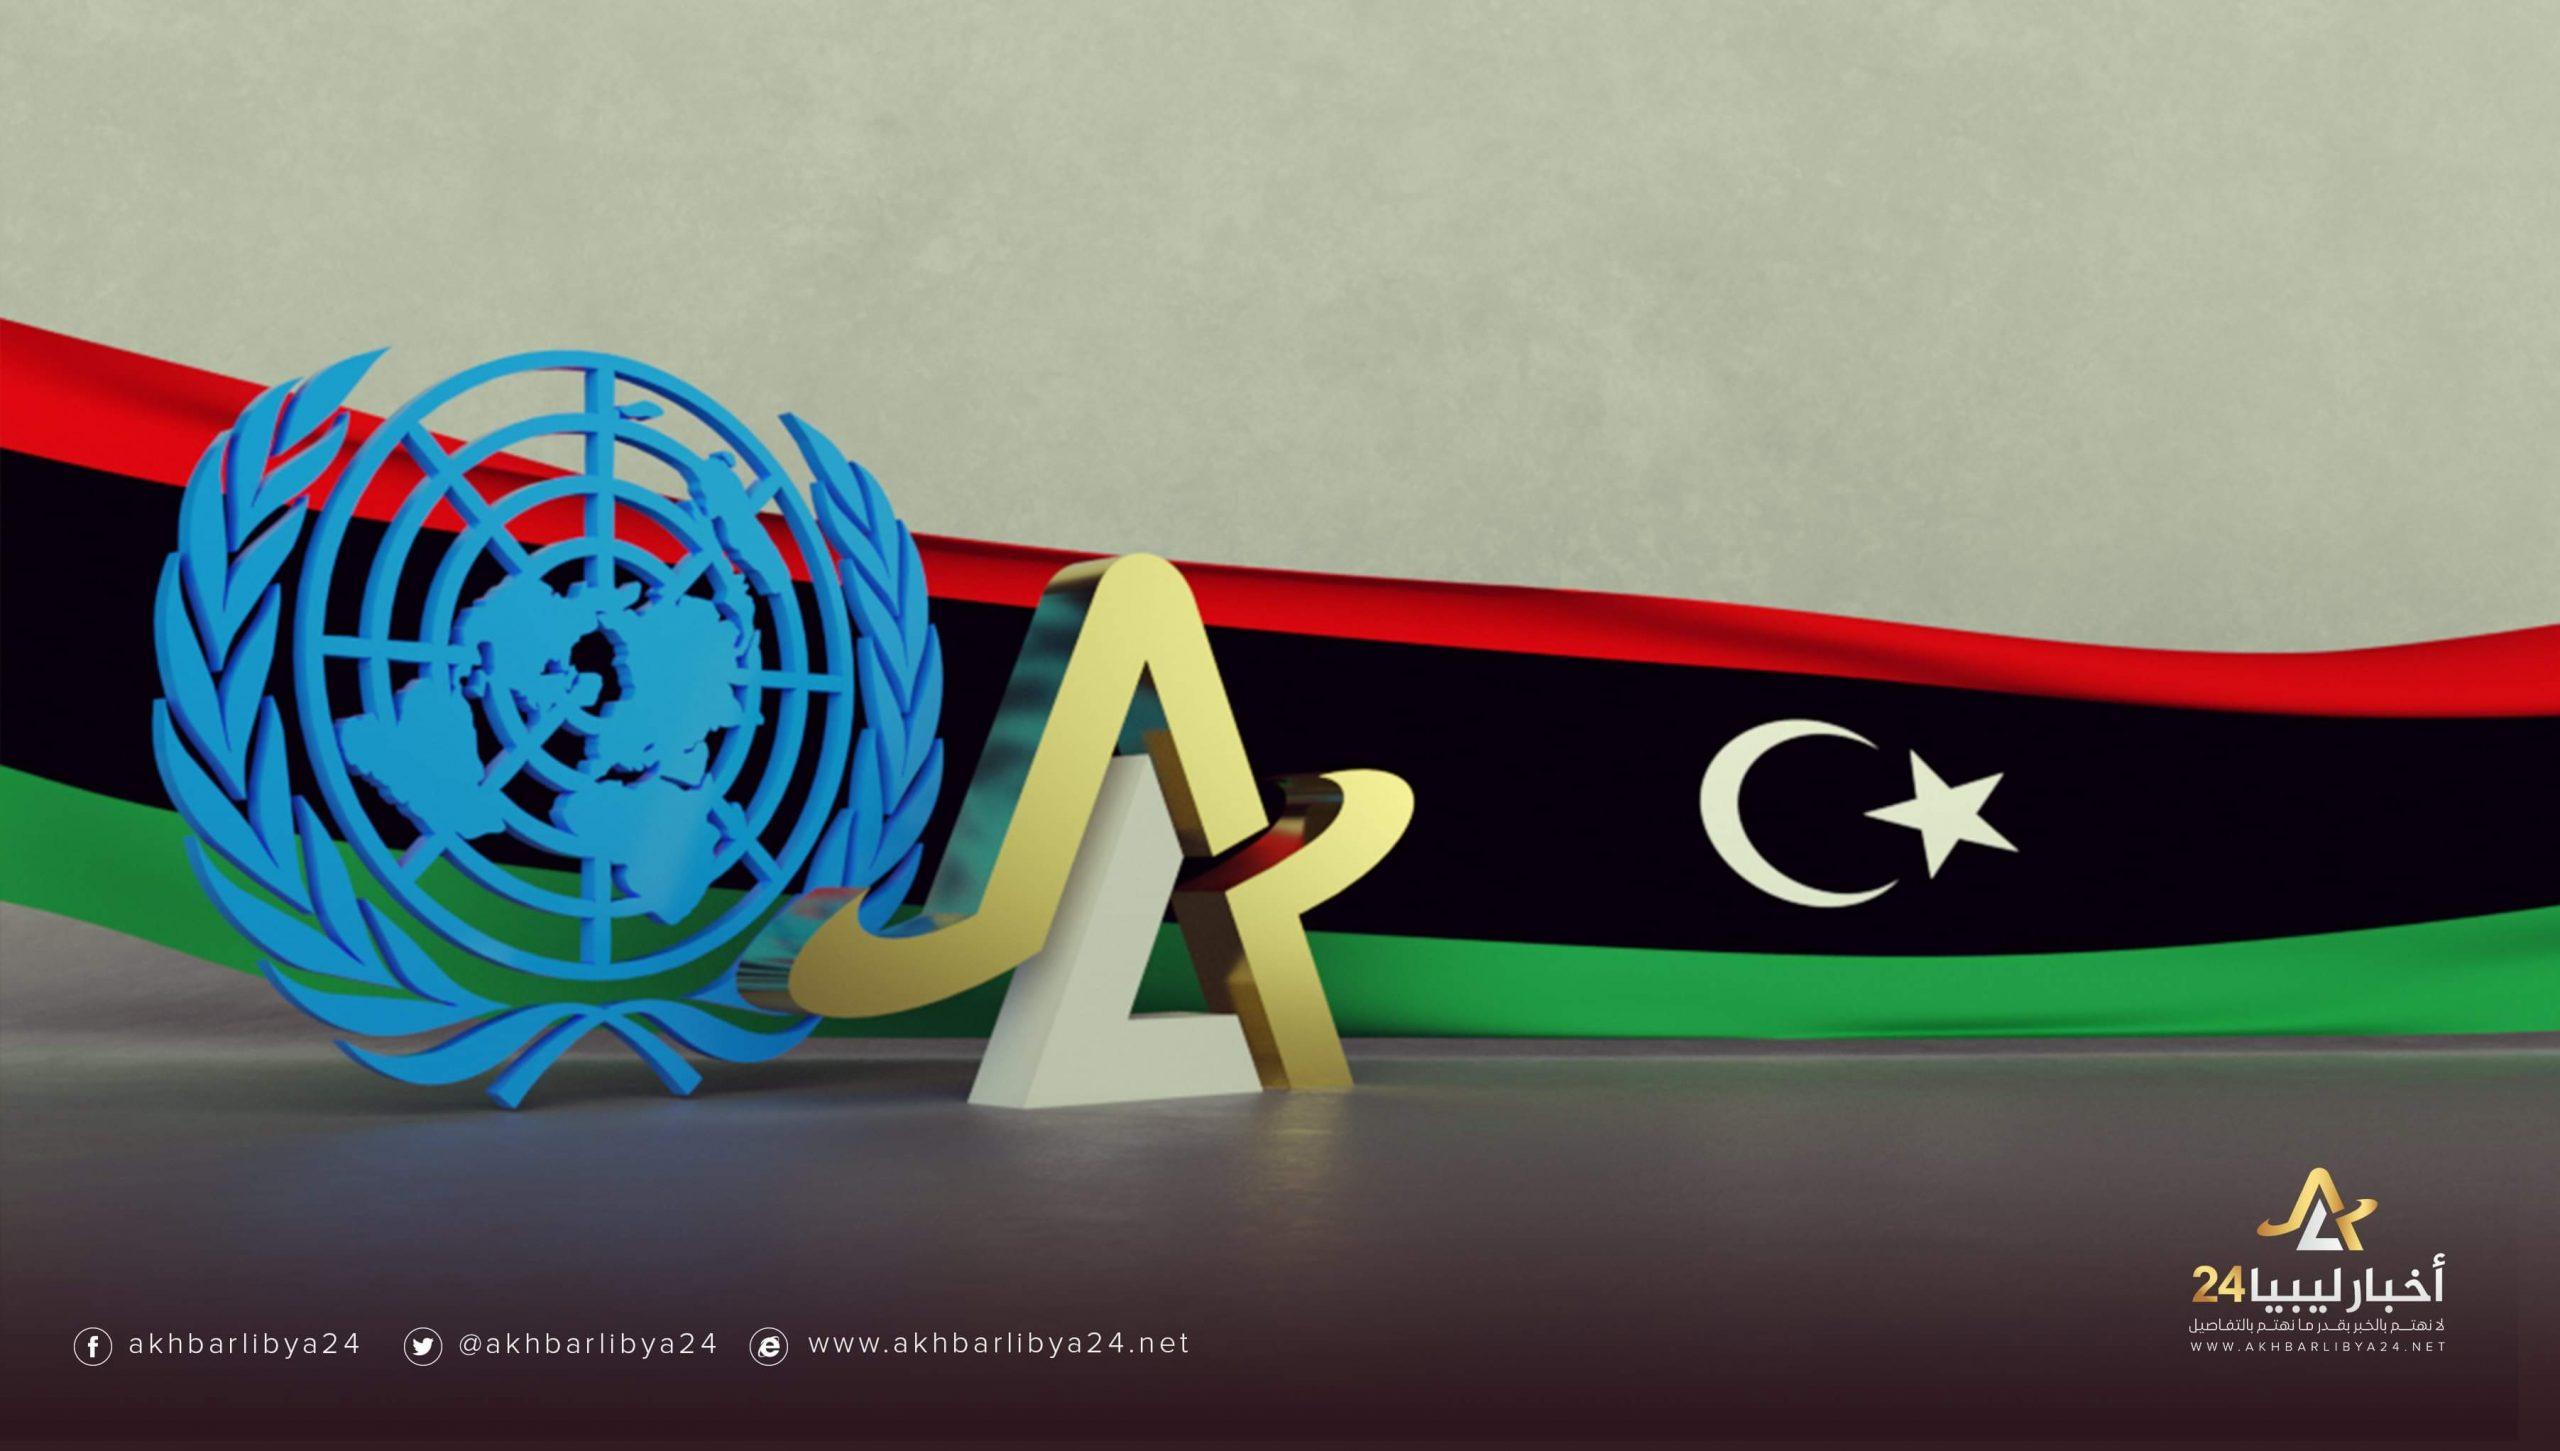 صورة البعثة الأممية تدعو الشباب إلى المشاركة في جلسة نقاشية الجمعة المقبل